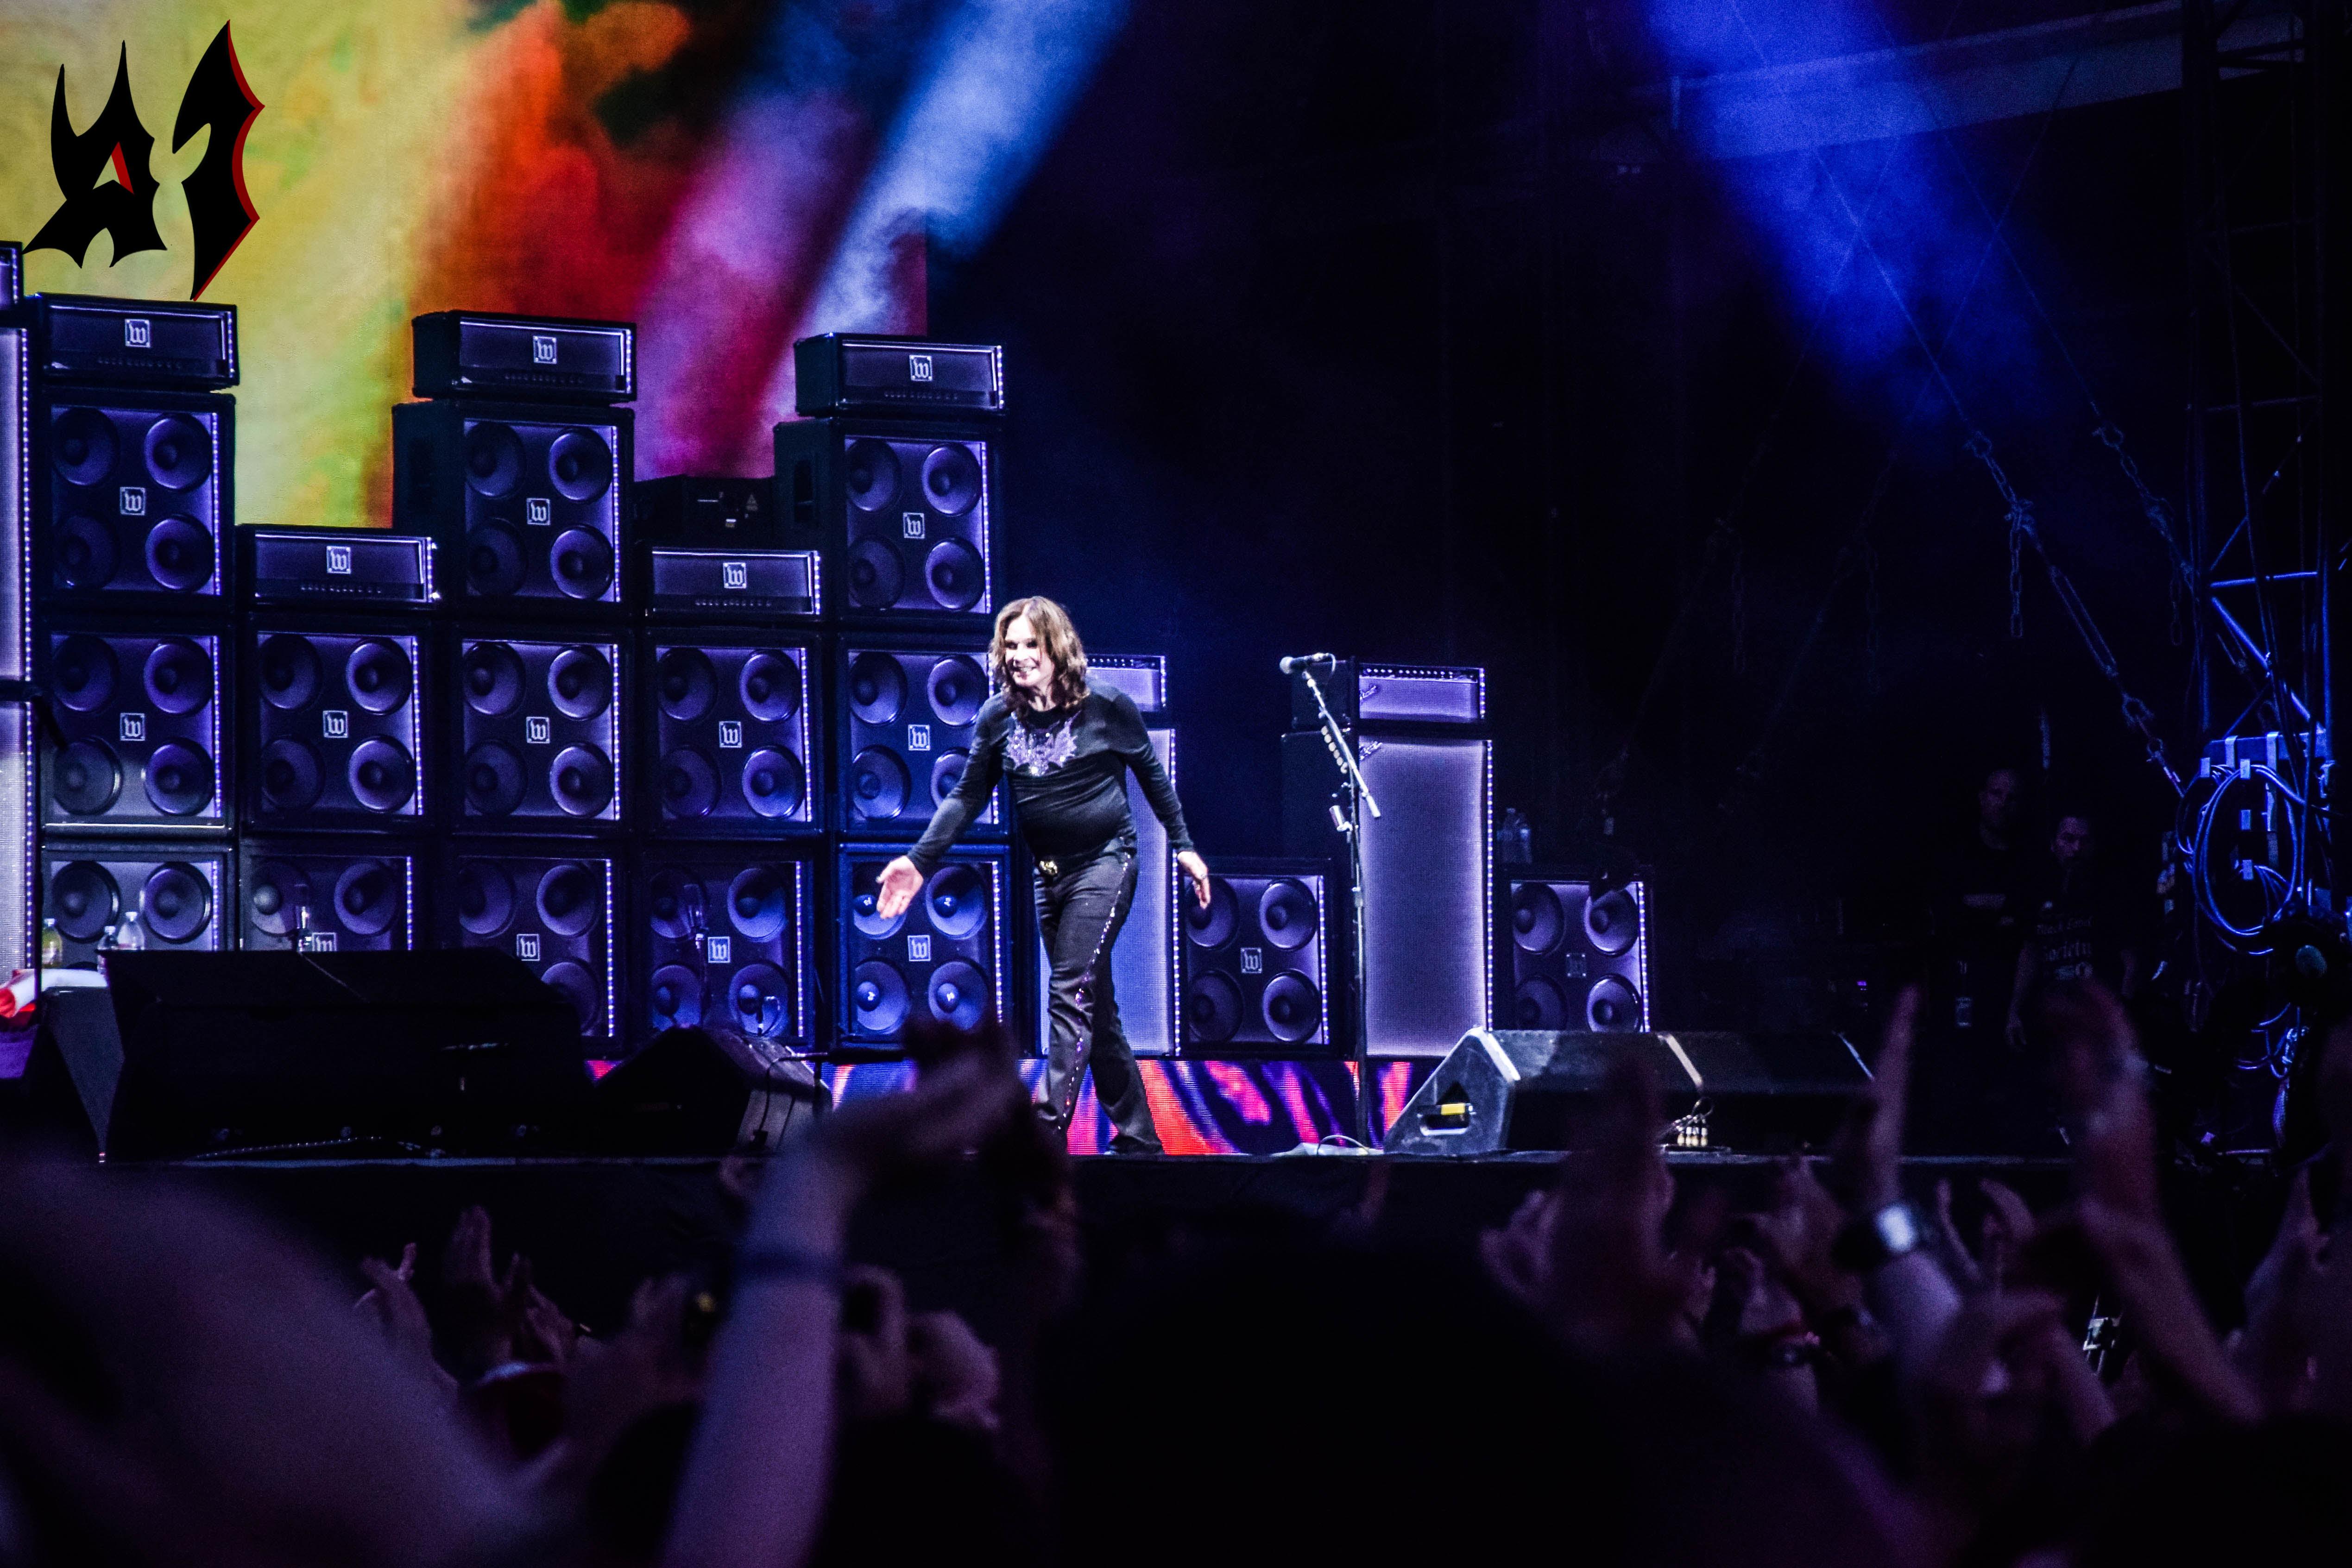 Donwload 2018 – Day 1 - Ozzy Osbourne 6